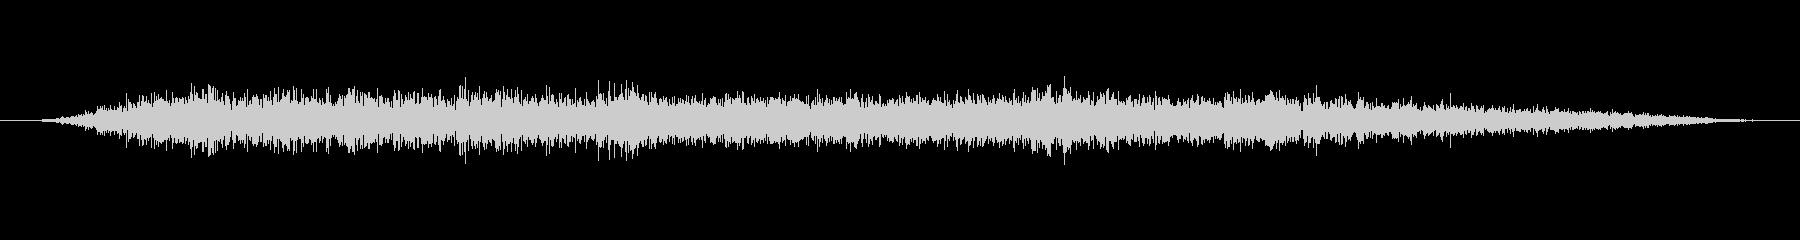 緊張 デーモン合唱団クラスターダウン02の未再生の波形